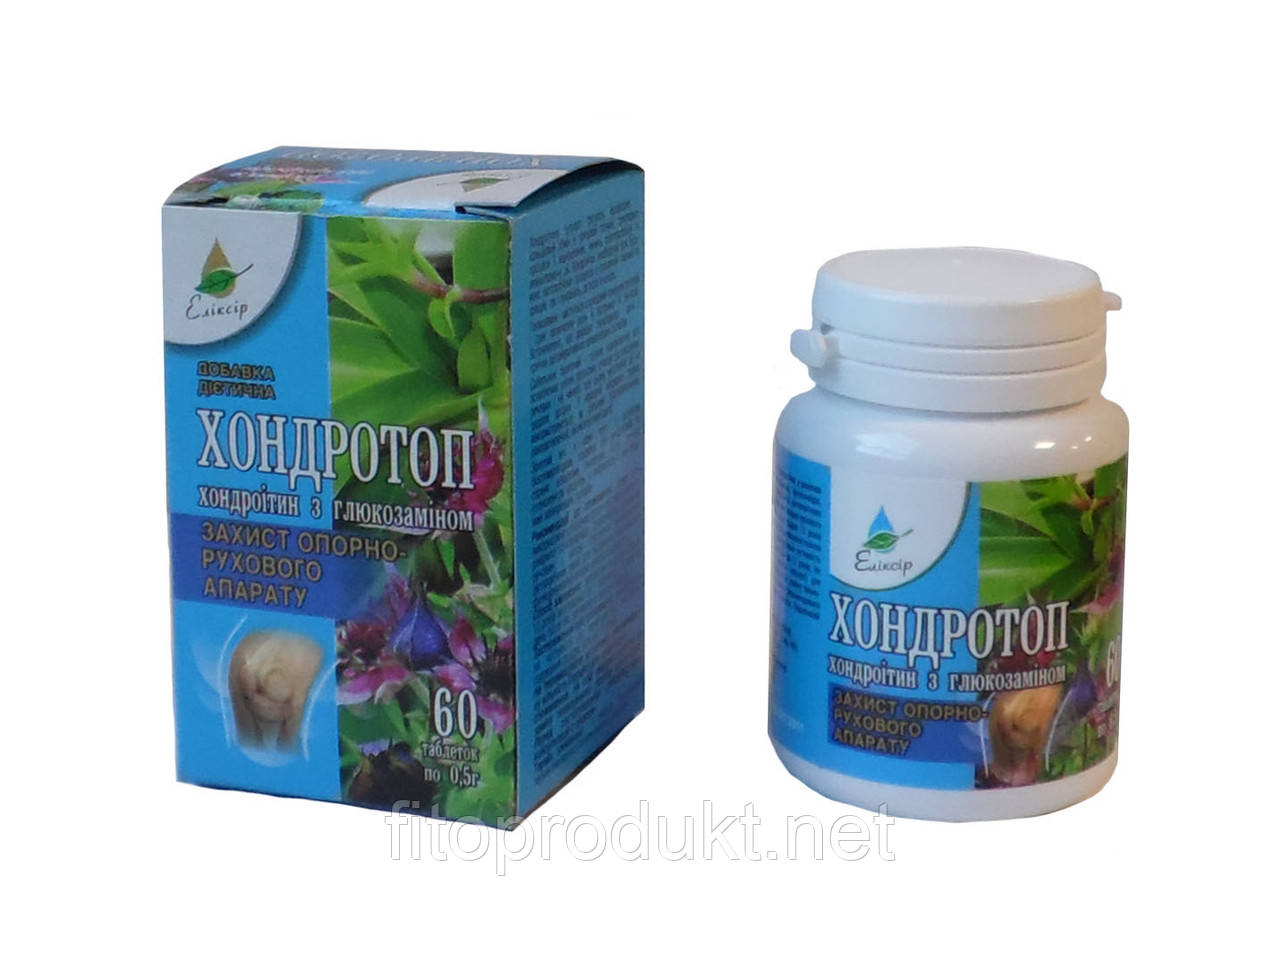 Хондротоп БАД хондроитин с глюкозамином №60 Эликсир